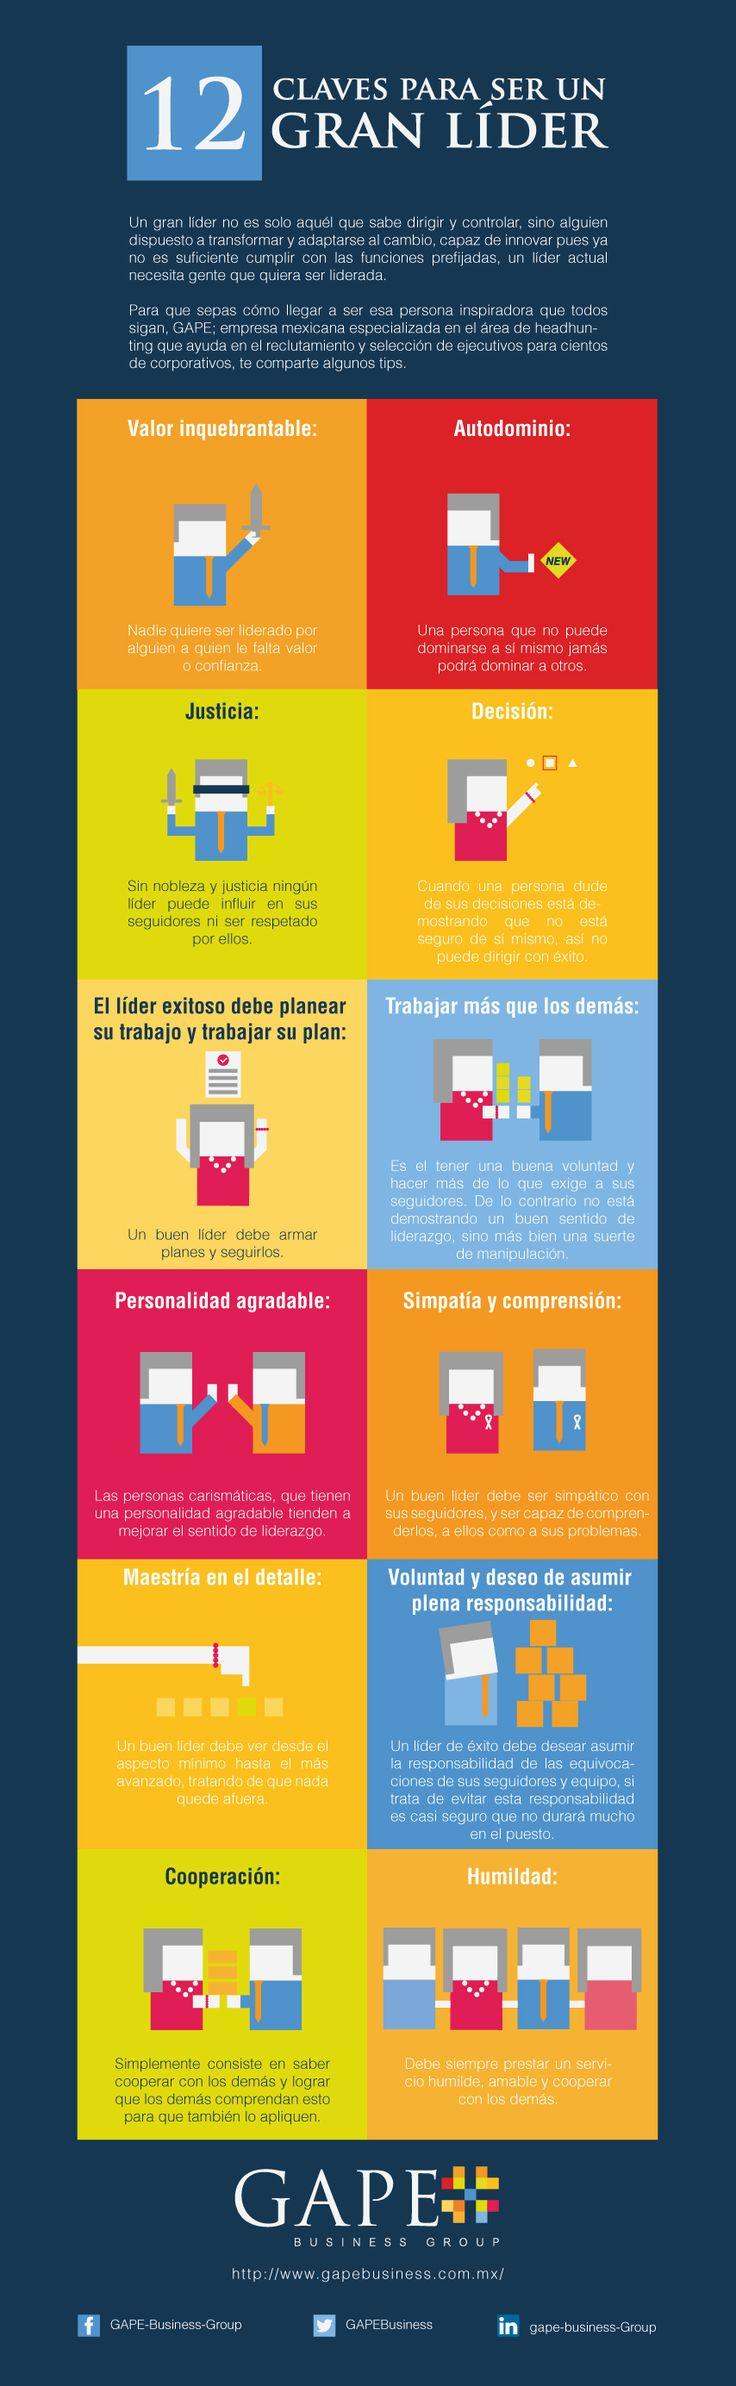 12 claves para ser un gran líder. #infografia